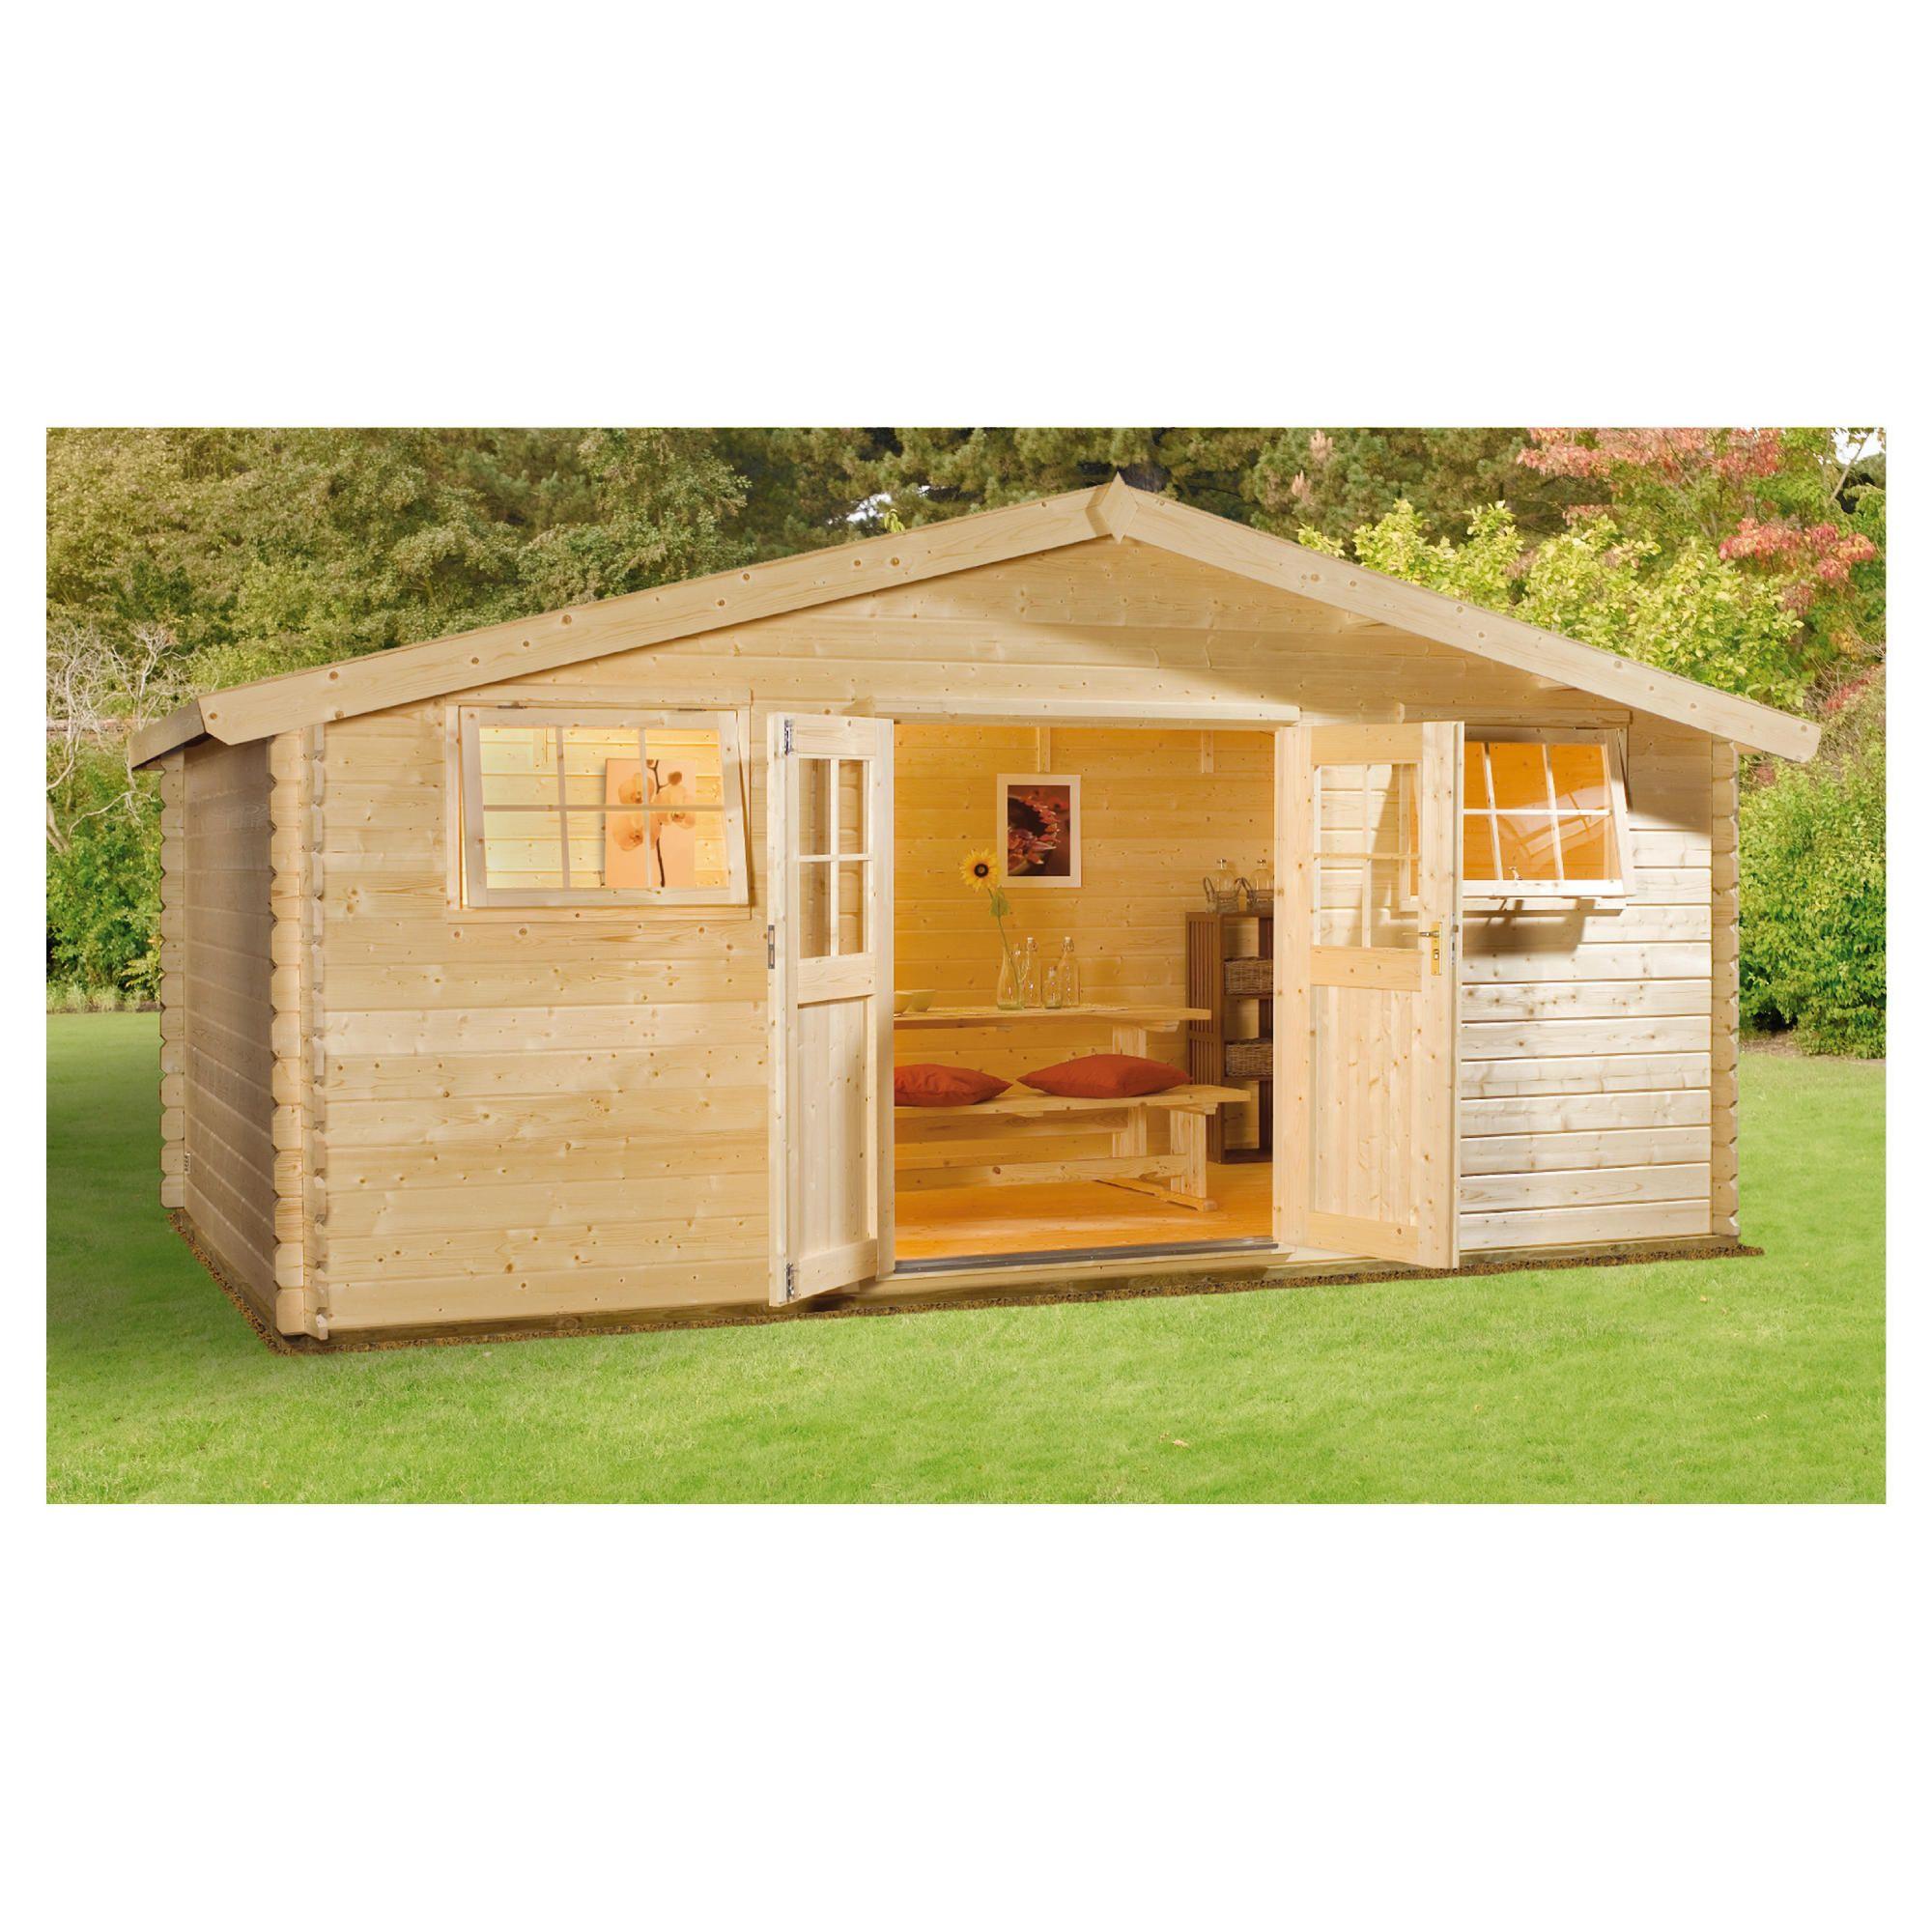 Finnlife SARKA 212 Log Cabin at Tesco Direct